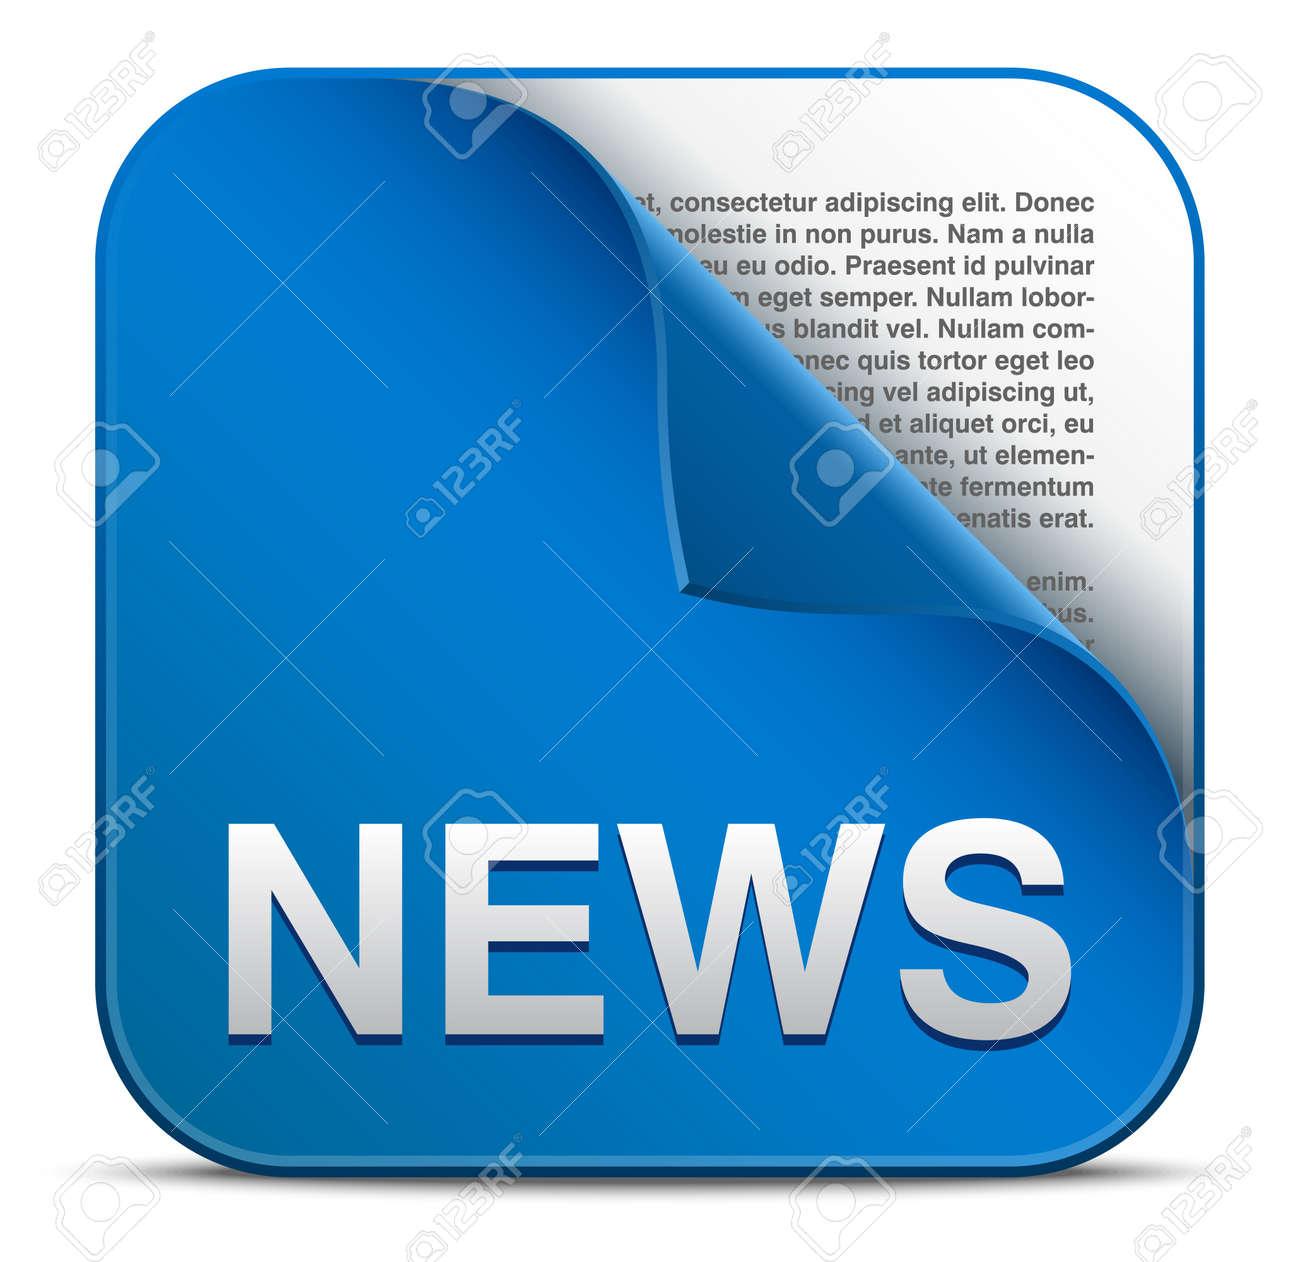 News vector icon Stock Vector - 21990761